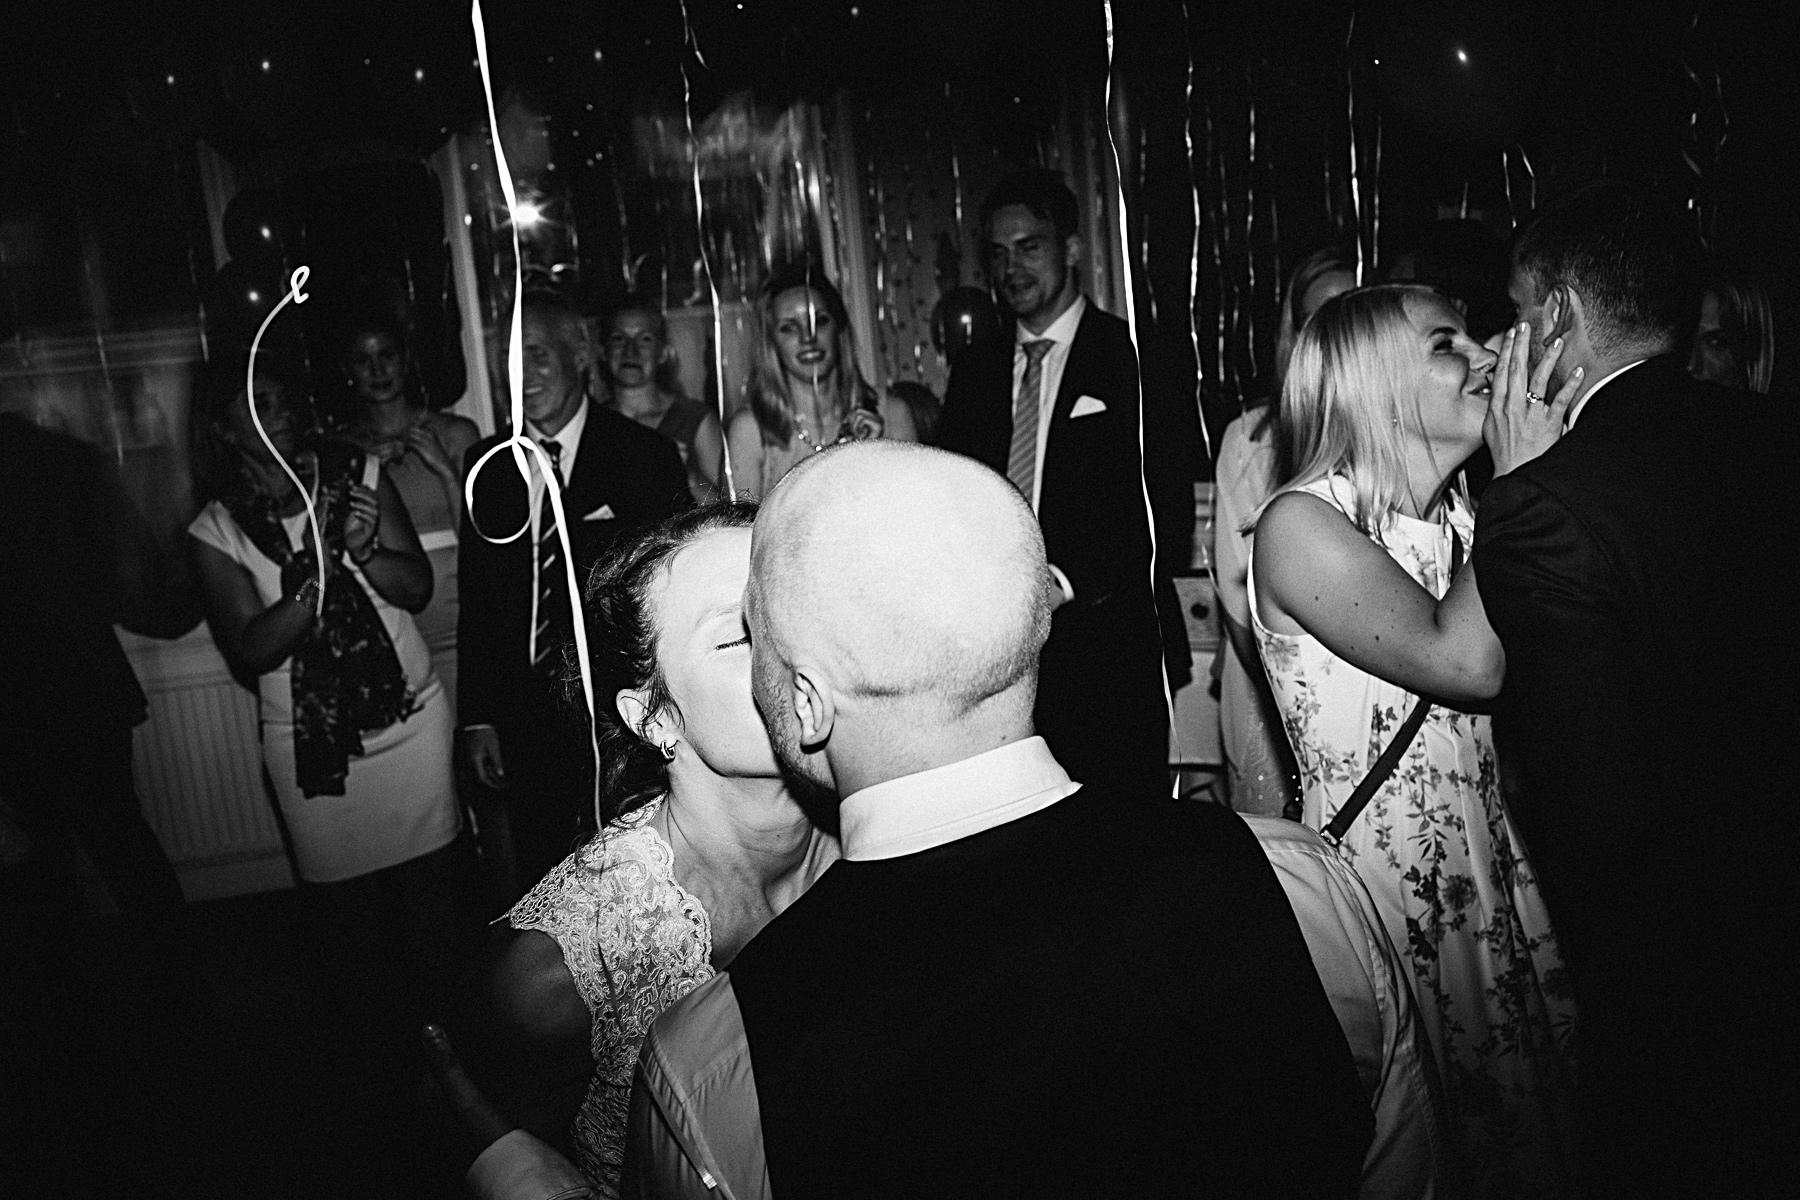 dans p bröllop